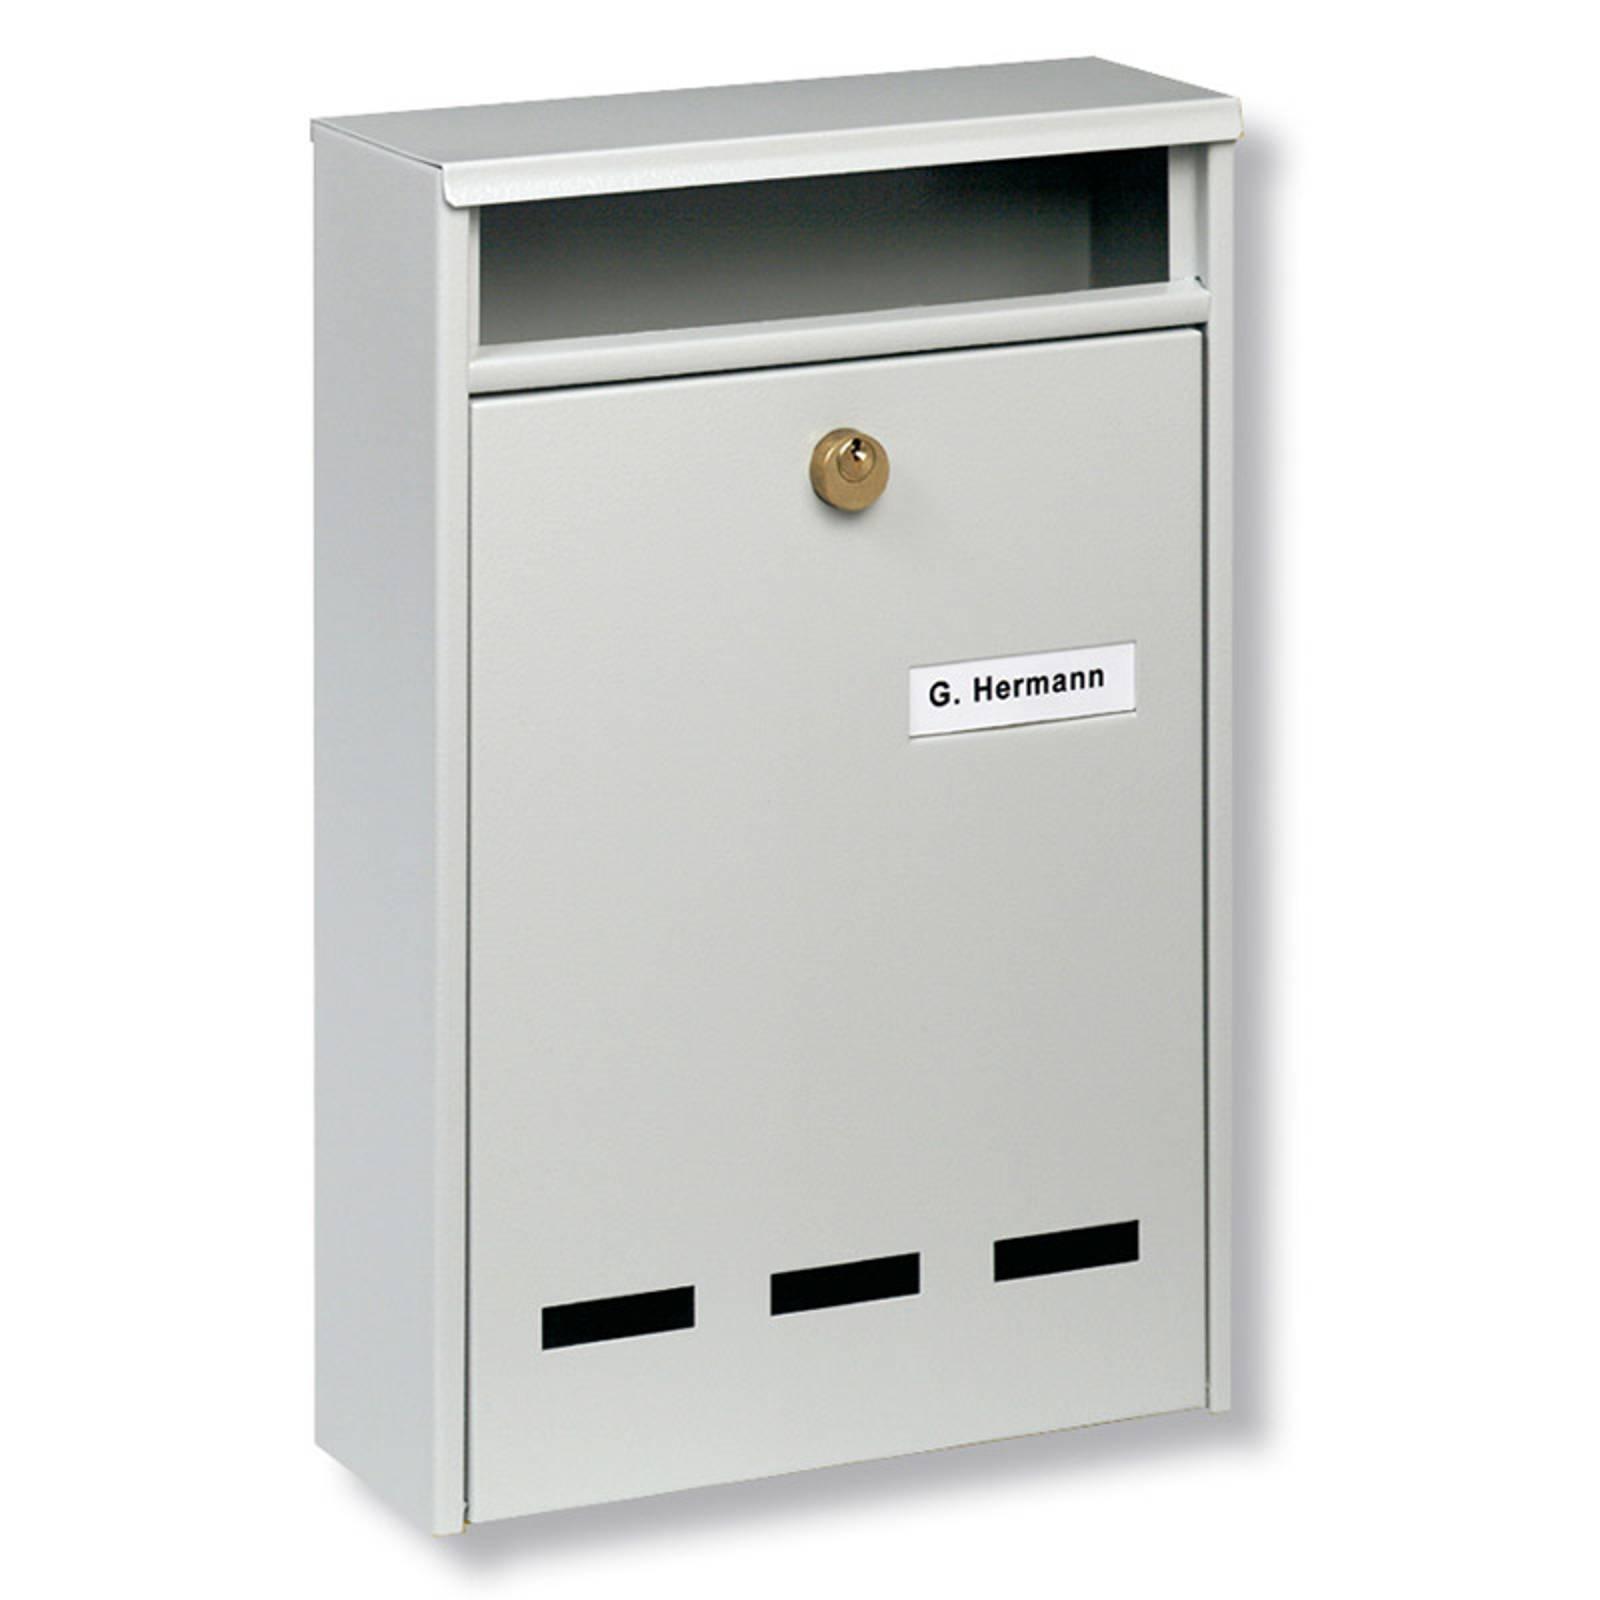 B5-standardin ryhmäpostilaatikko Wismar, valkoinen